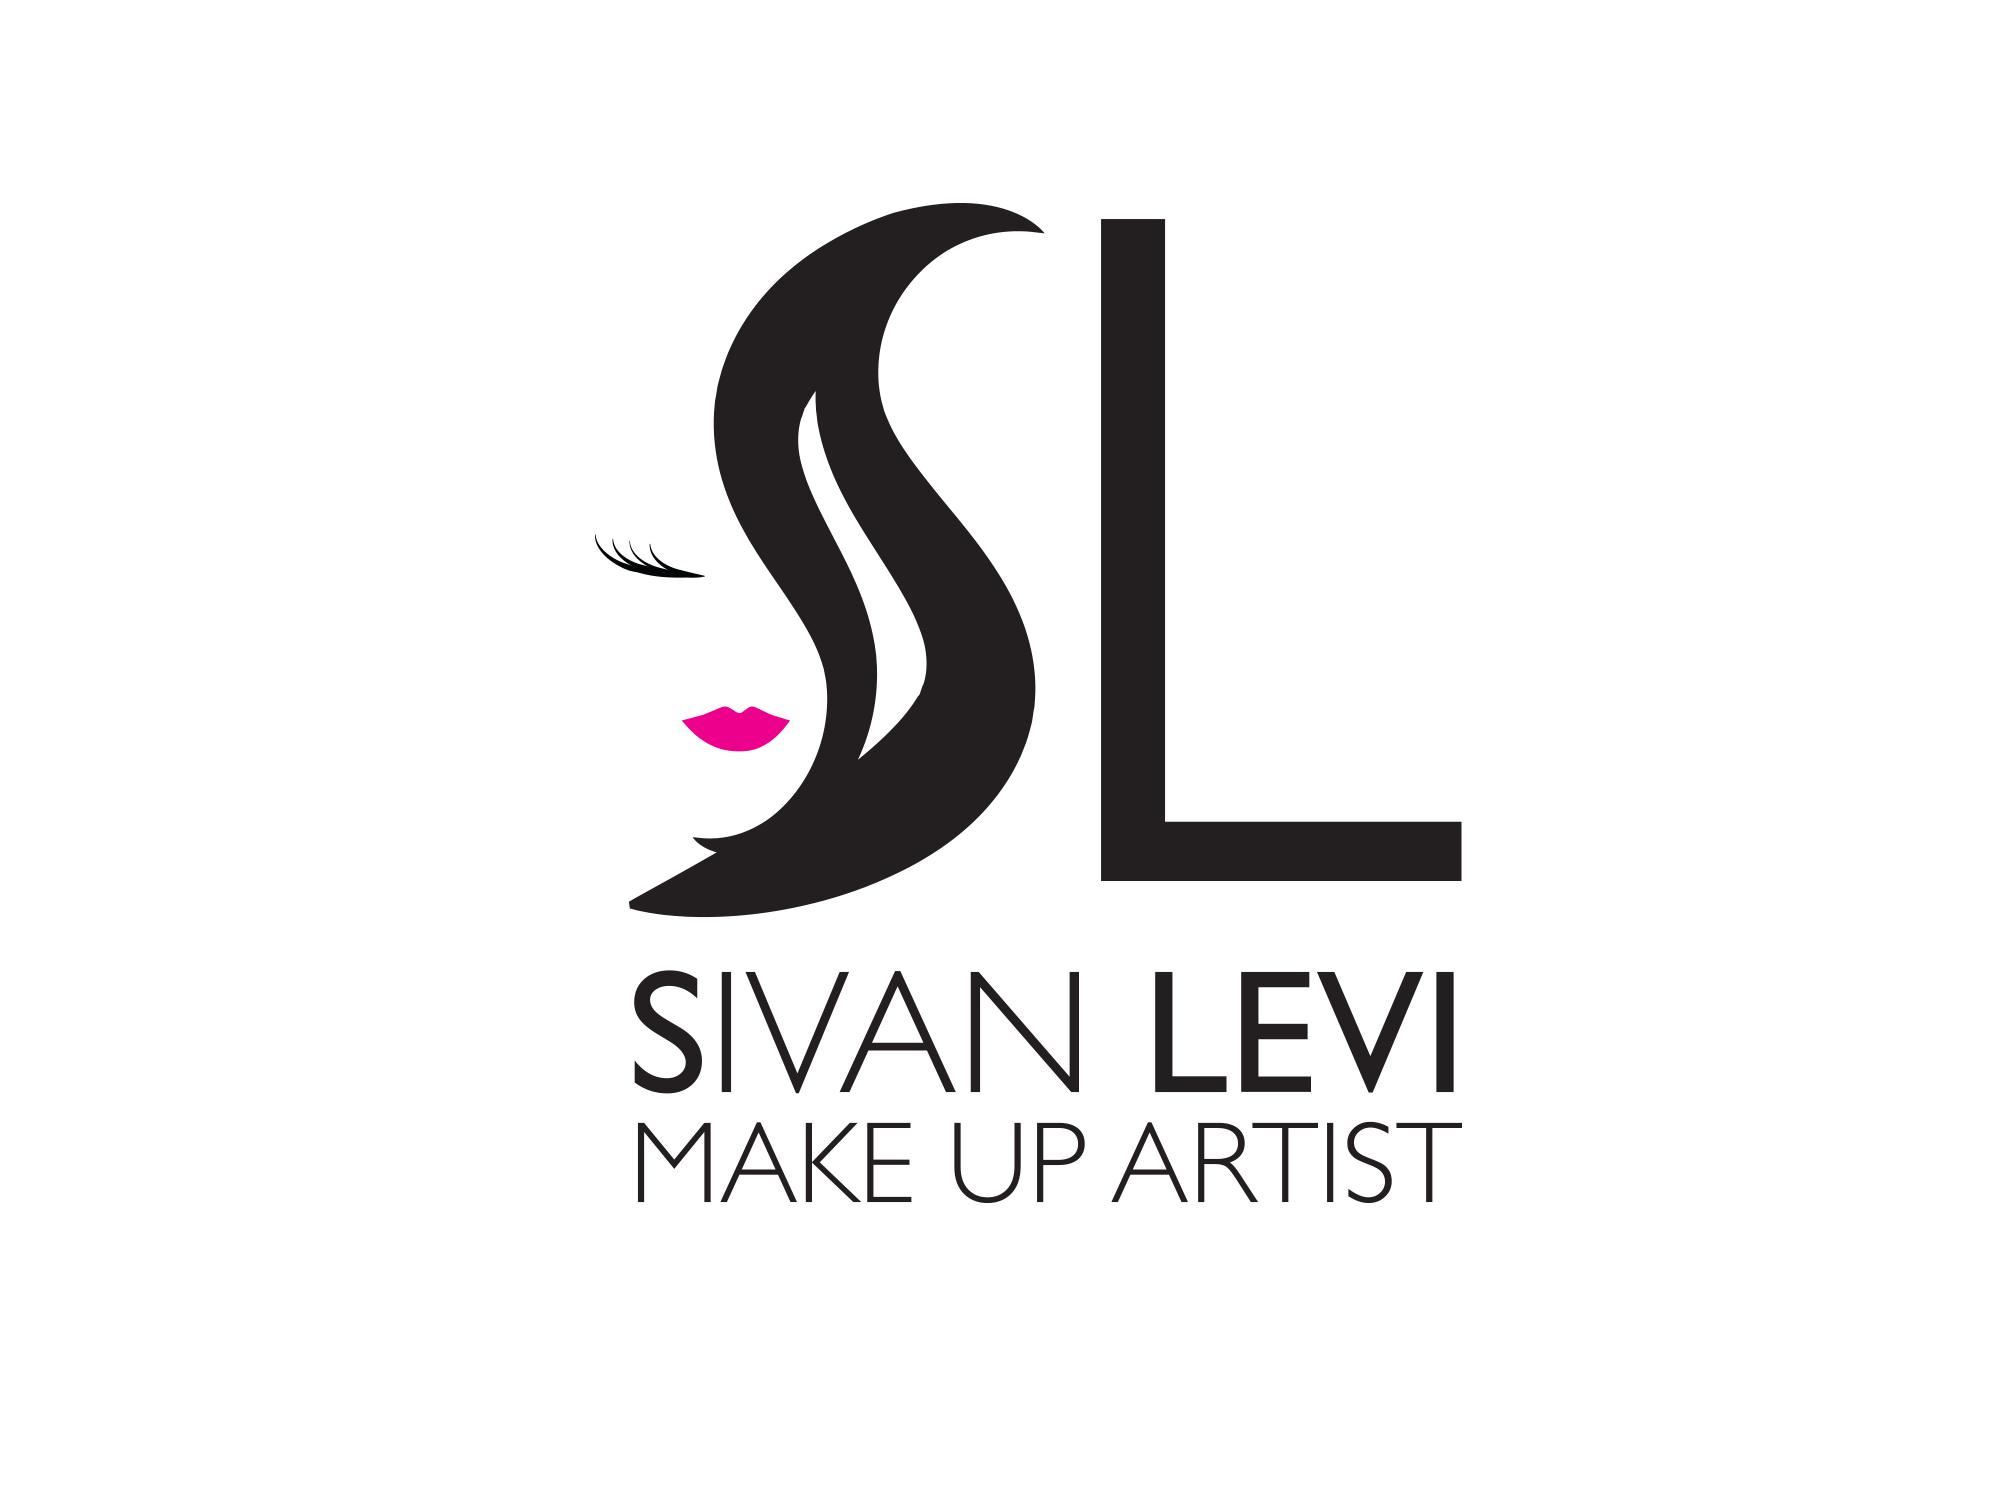 לוגו לאמנית איפור